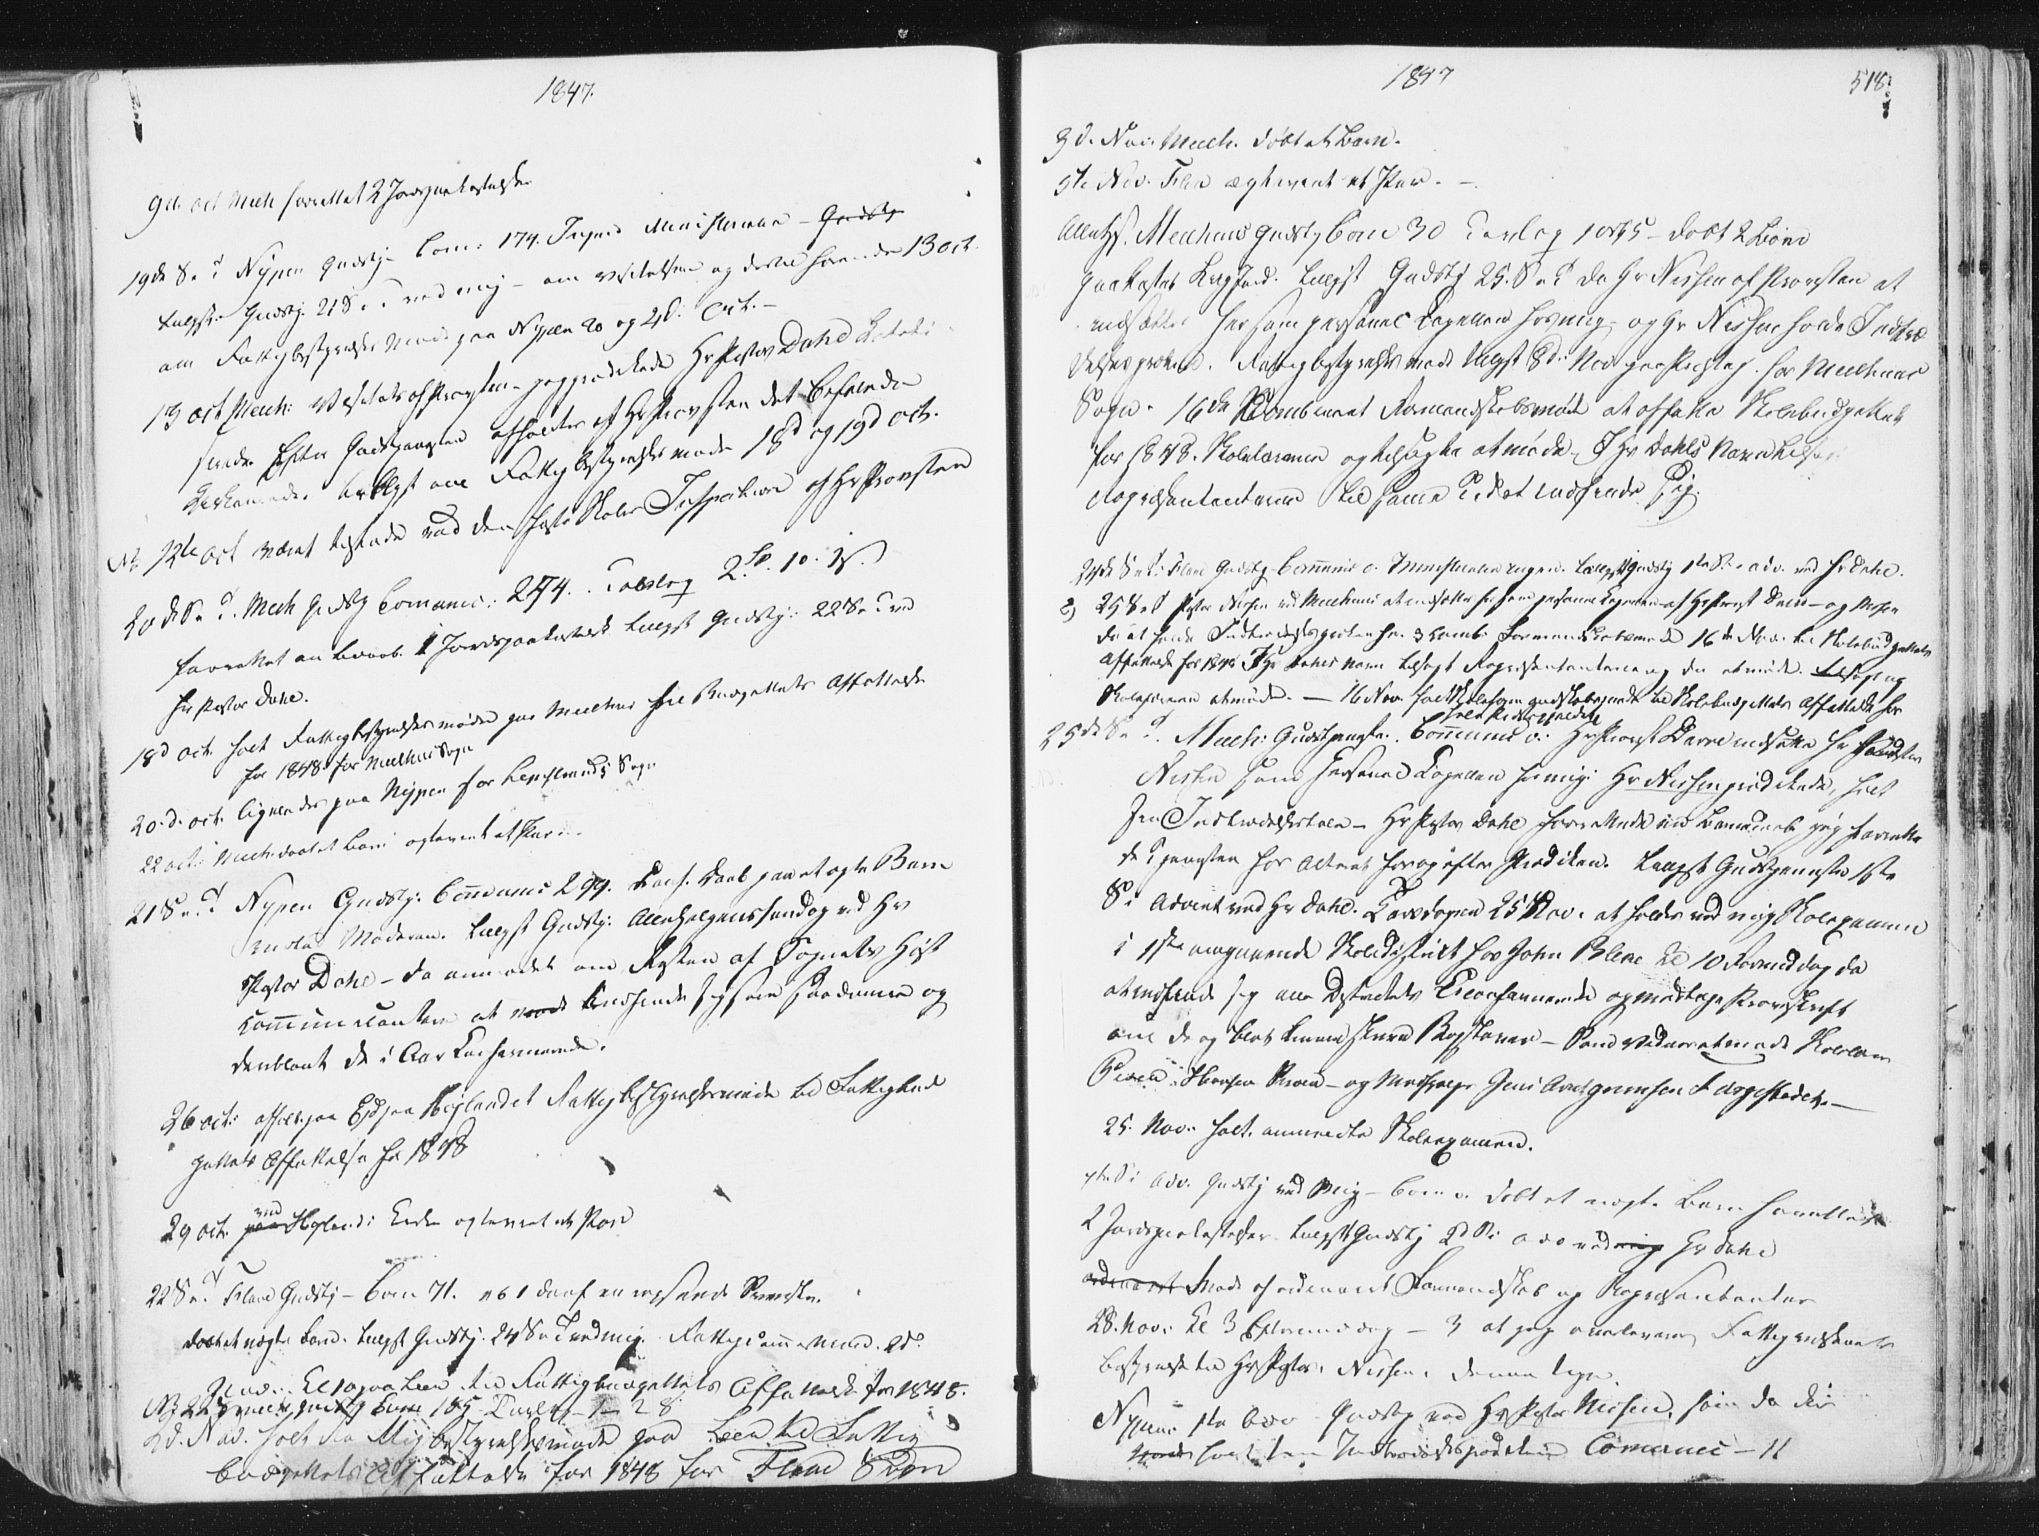 SAT, Ministerialprotokoller, klokkerbøker og fødselsregistre - Sør-Trøndelag, 691/L1074: Ministerialbok nr. 691A06, 1842-1852, s. 518